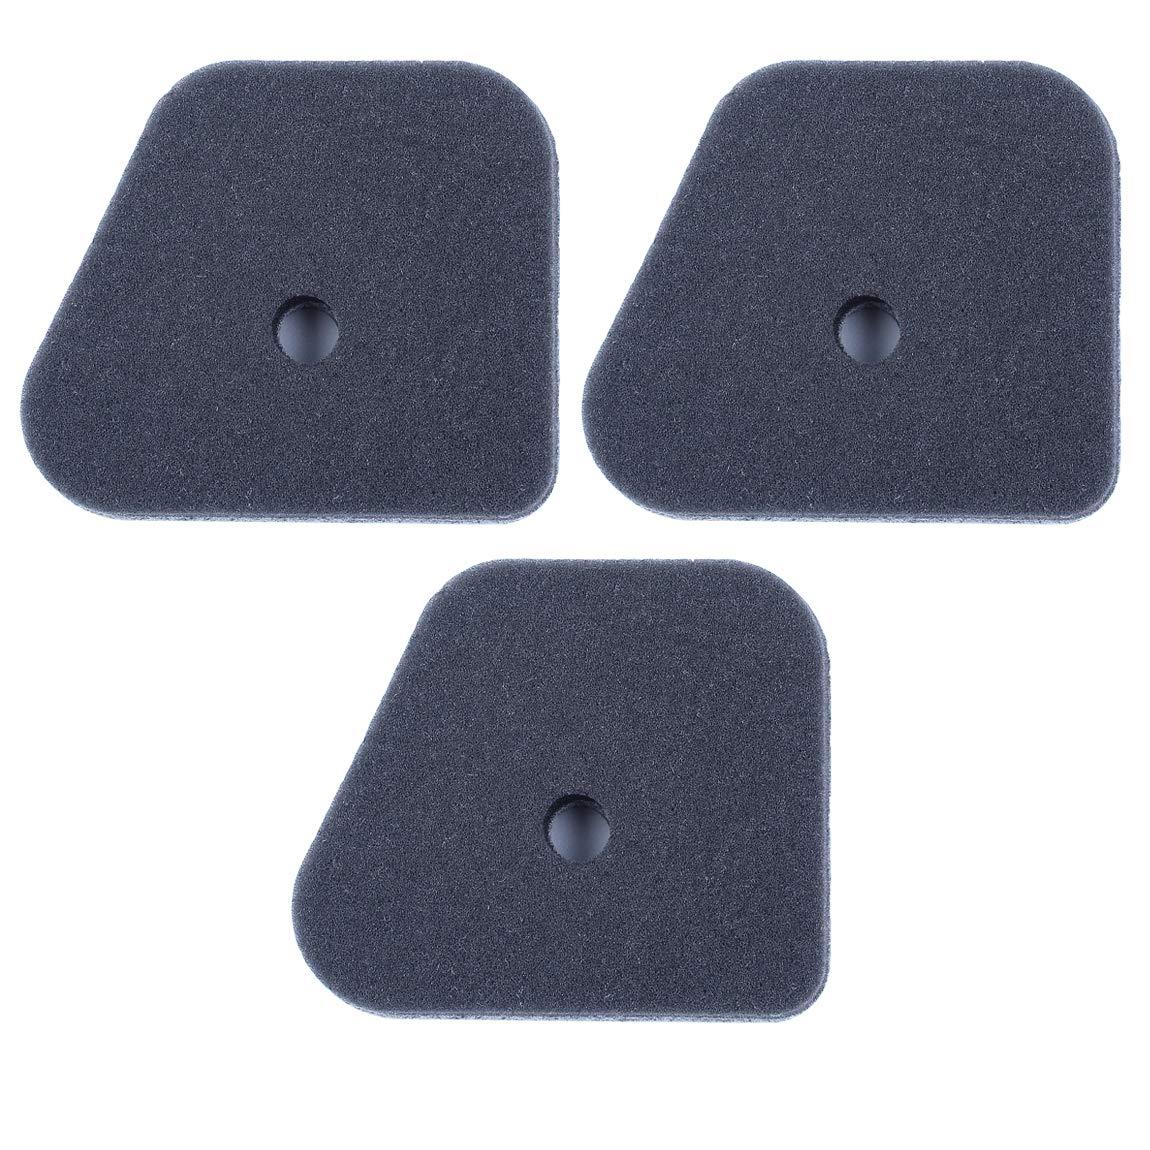 3Pcs Air Filter For STIHL FS90 FS100 FS100RX FS110 FS110R FS130 ...